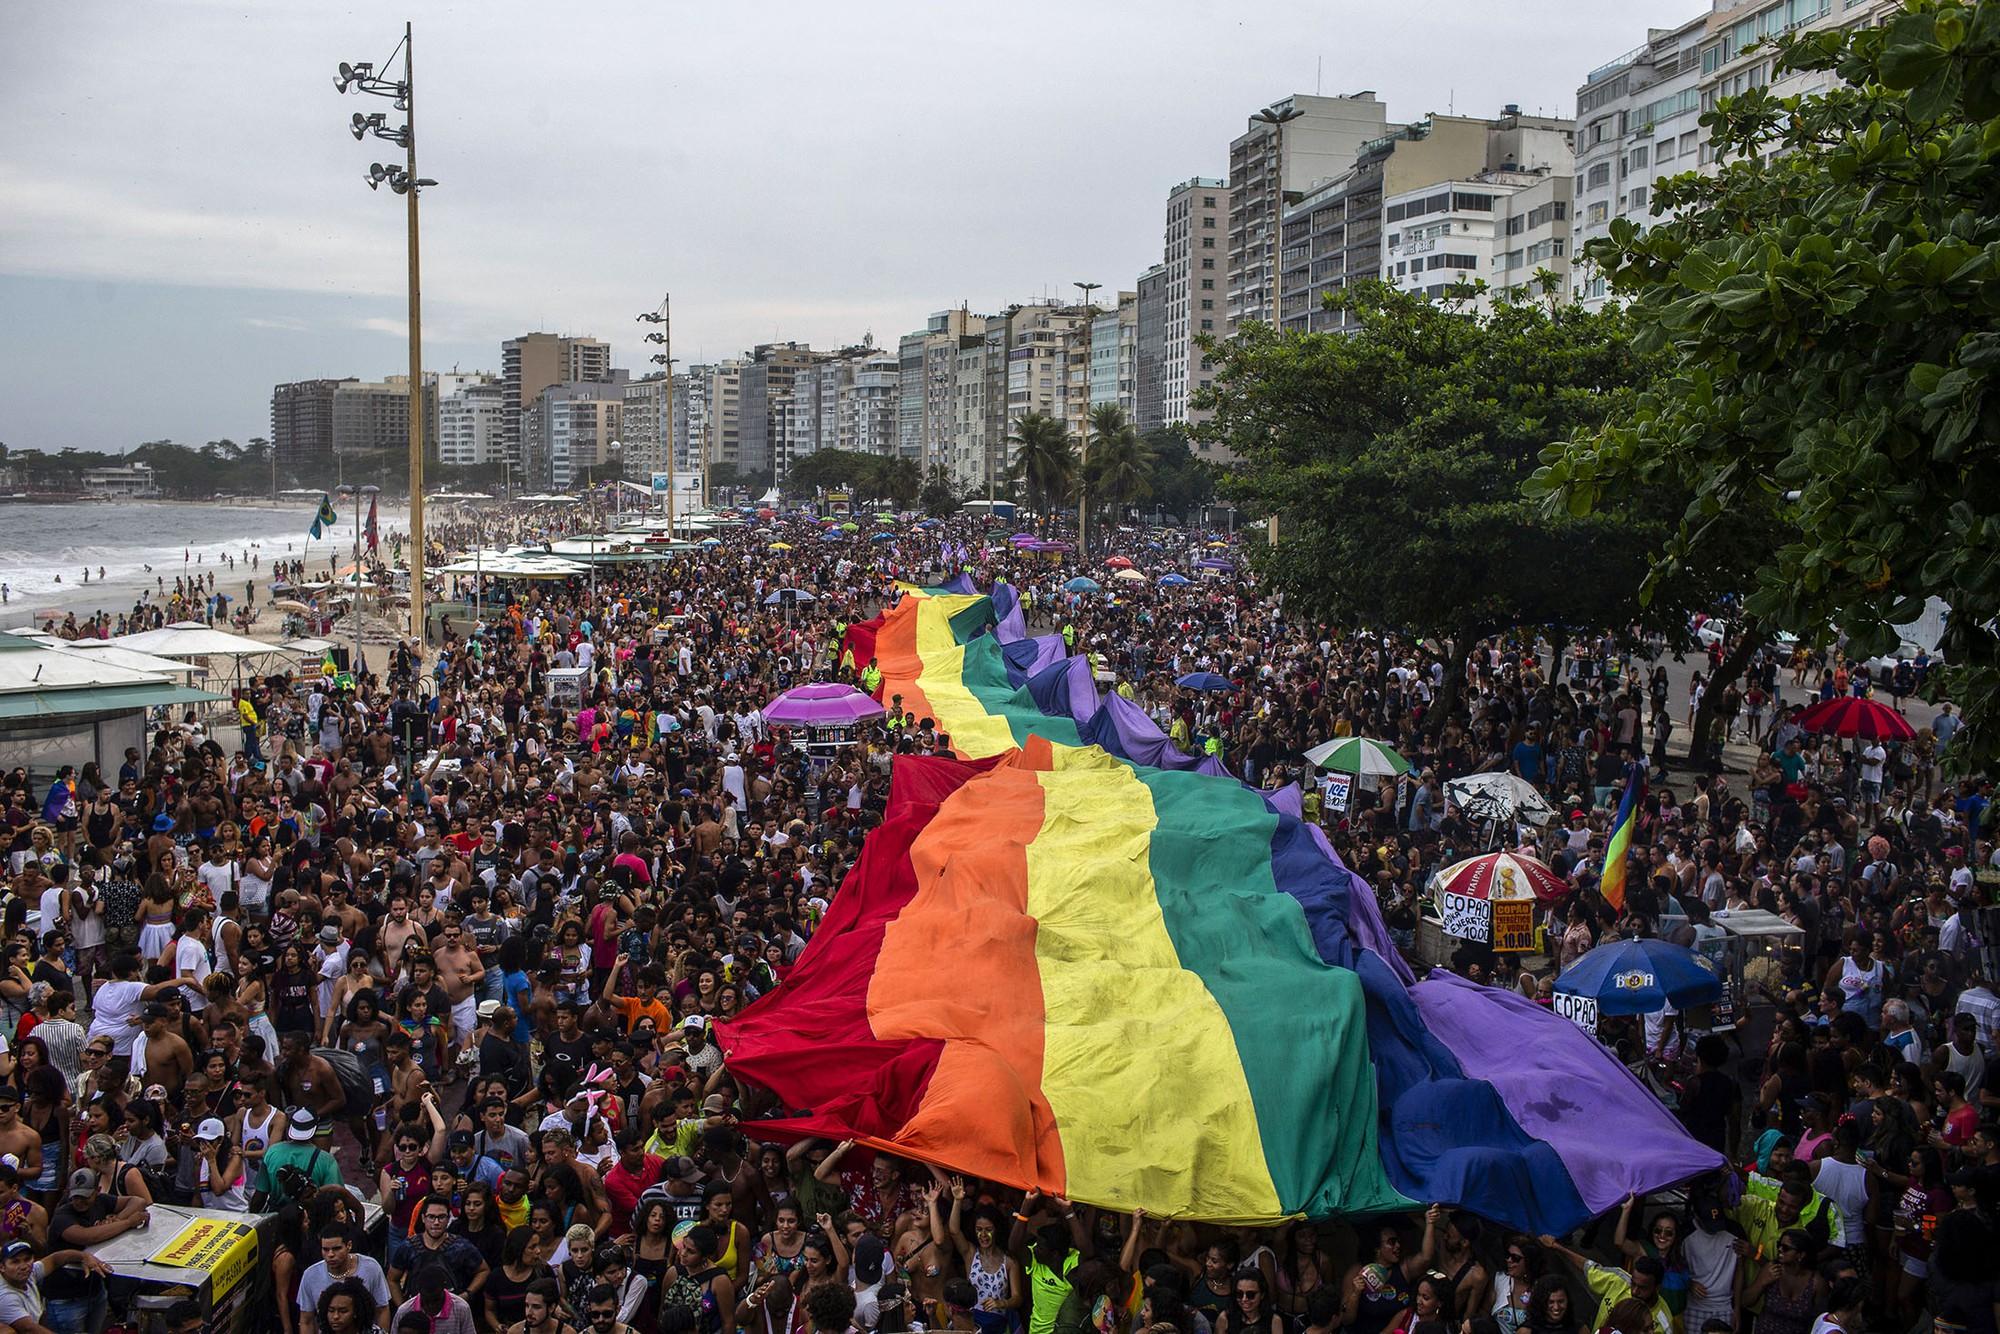 Brazil hình sự hóa kì thị LGBT: Nỗ lực xóa bỏ nạn sát hại đồng tính - Ảnh 1.